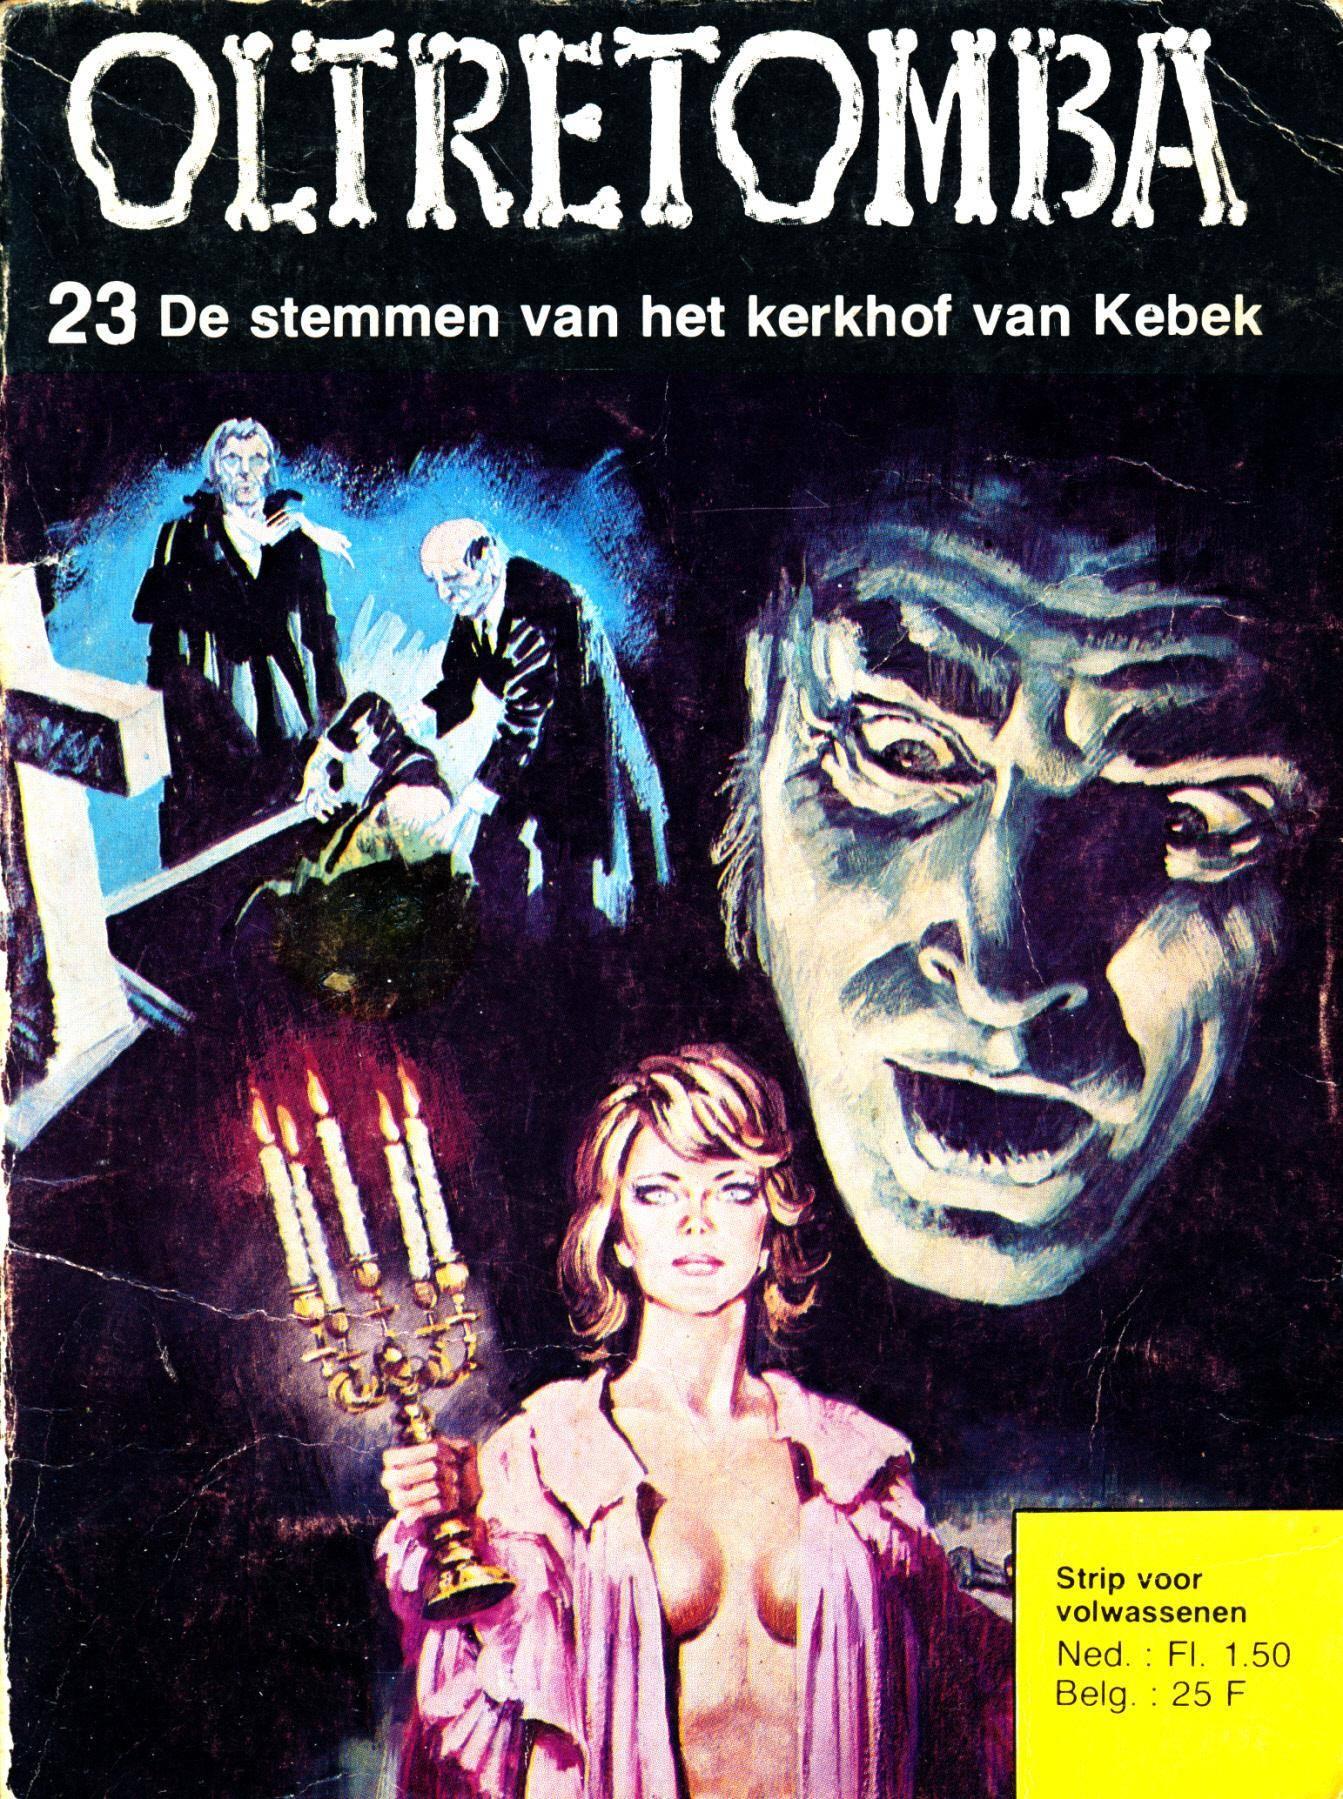 Oltretomba - 023 - De Stemmen Van Het Kerkhof Van Kebek cbr